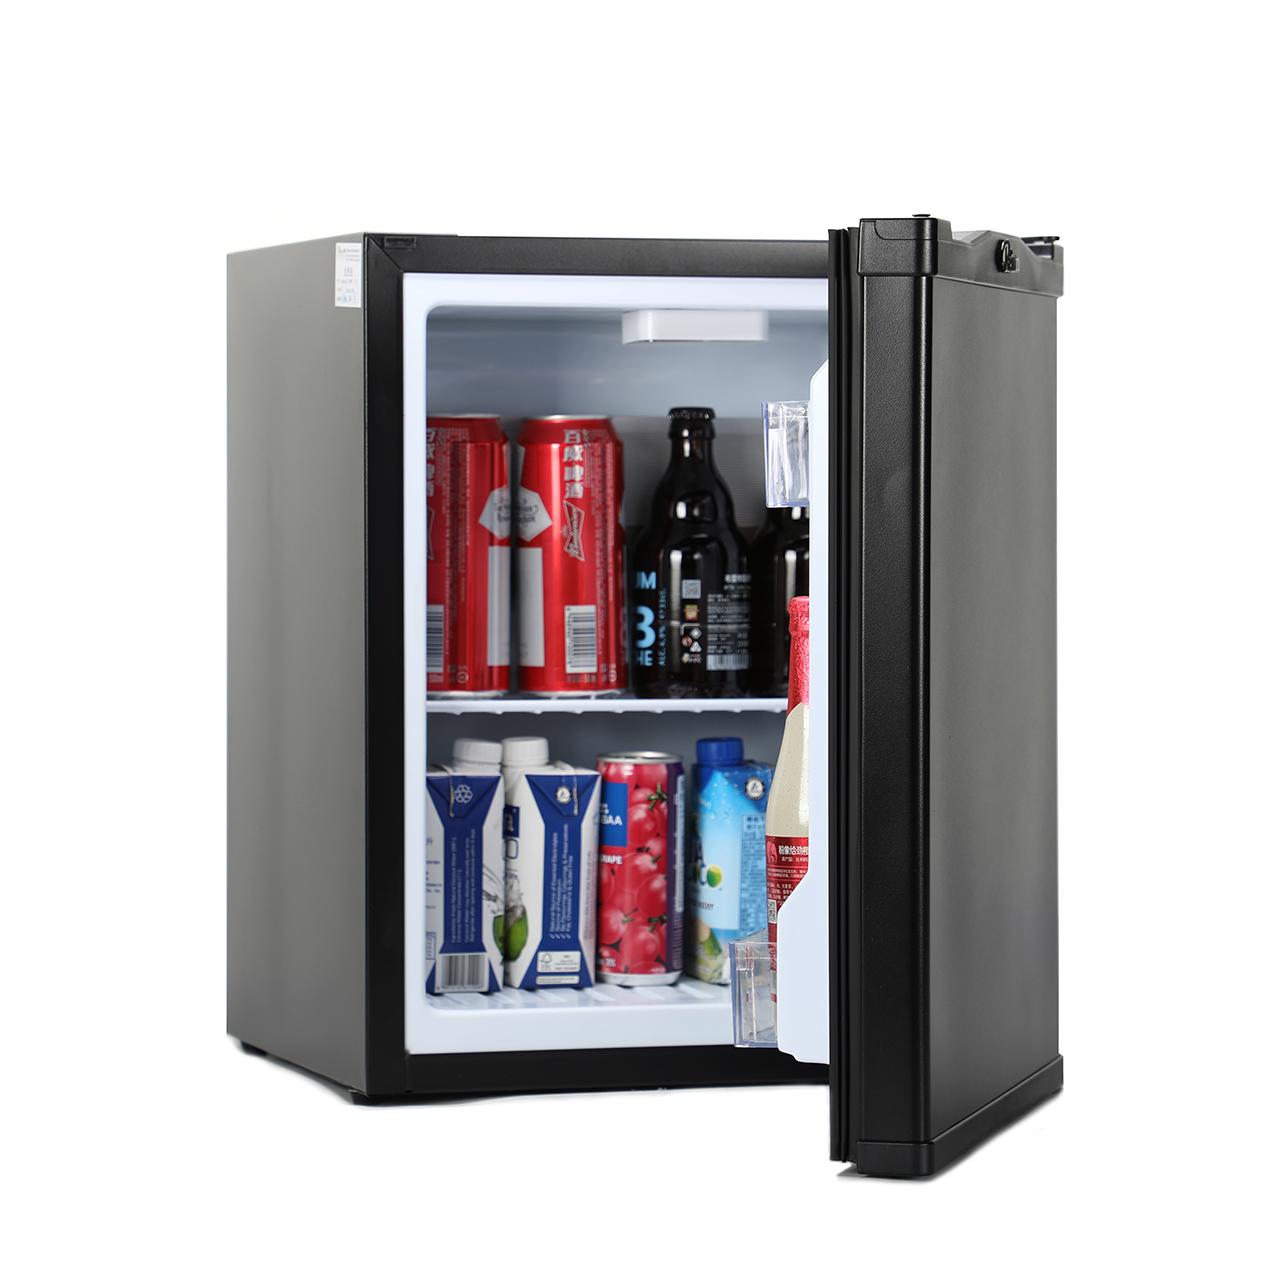 Китай Фабрика и доставчици на хладилник с хладилник с твърда врата и домакински хладилник M-30A |  Представено изображение в Mdesafe